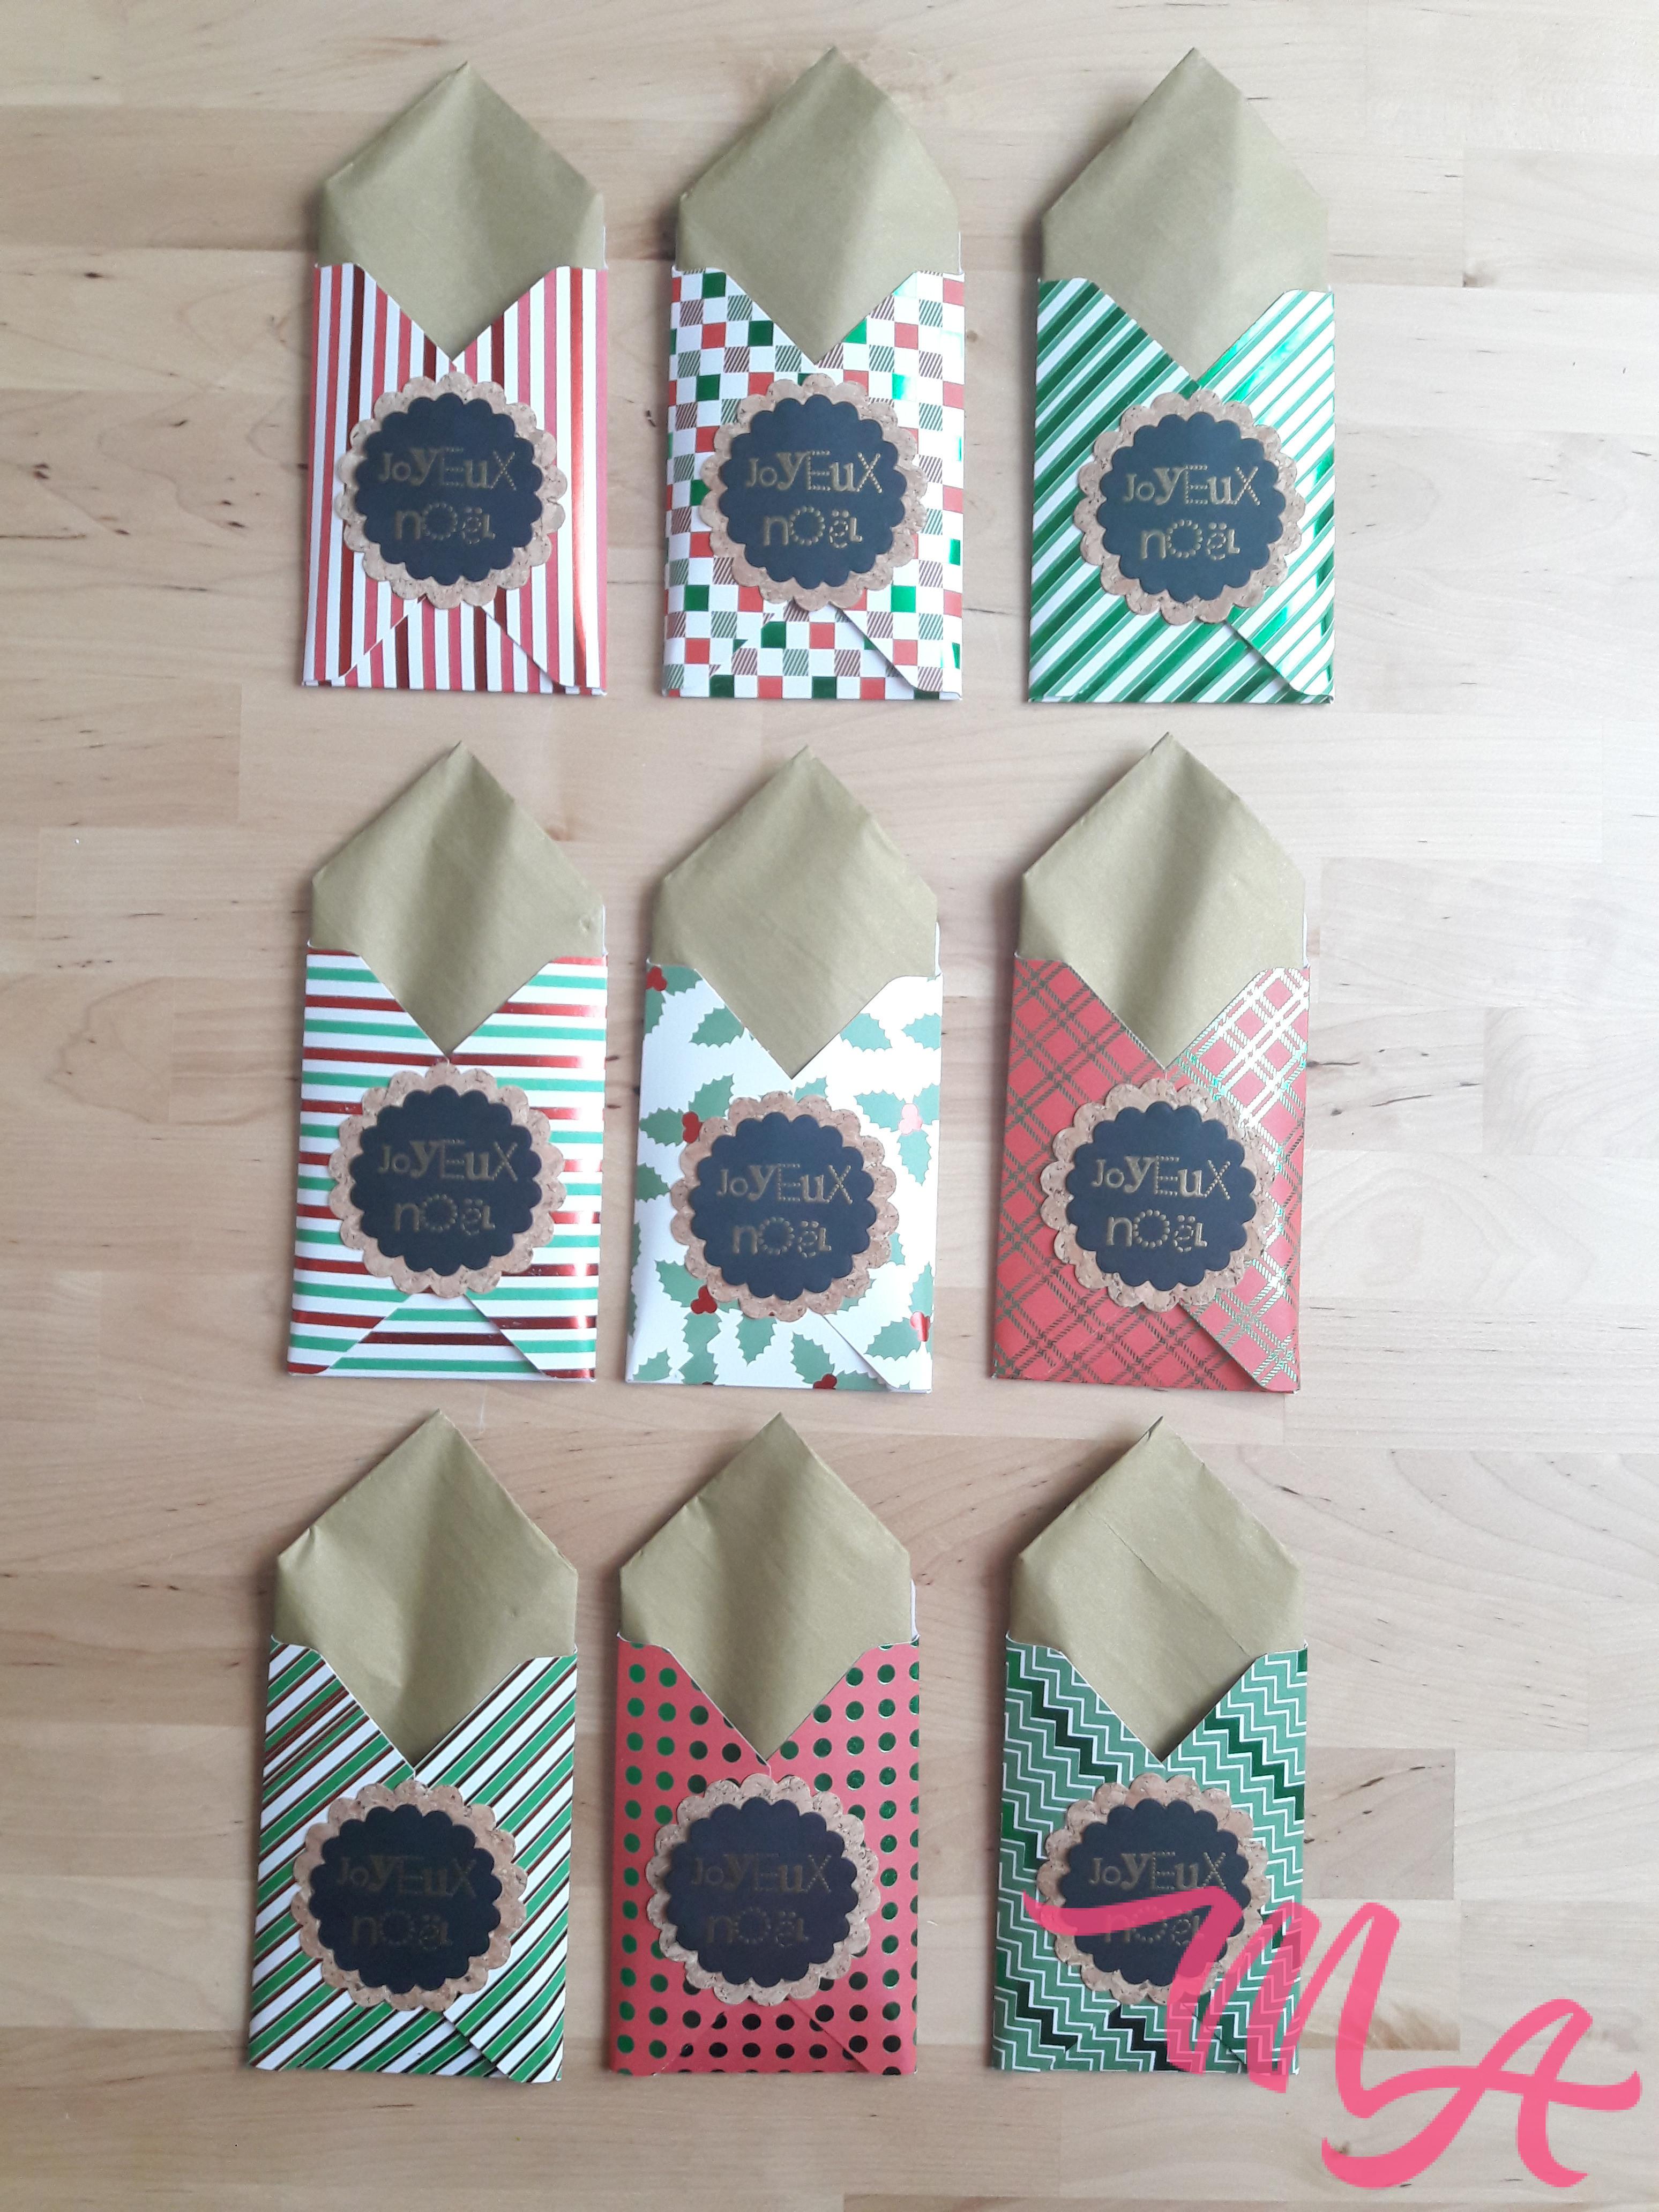 Pliage Serviette Papier Avec Couverts noël #6] : pochette à couverts – ma-creation